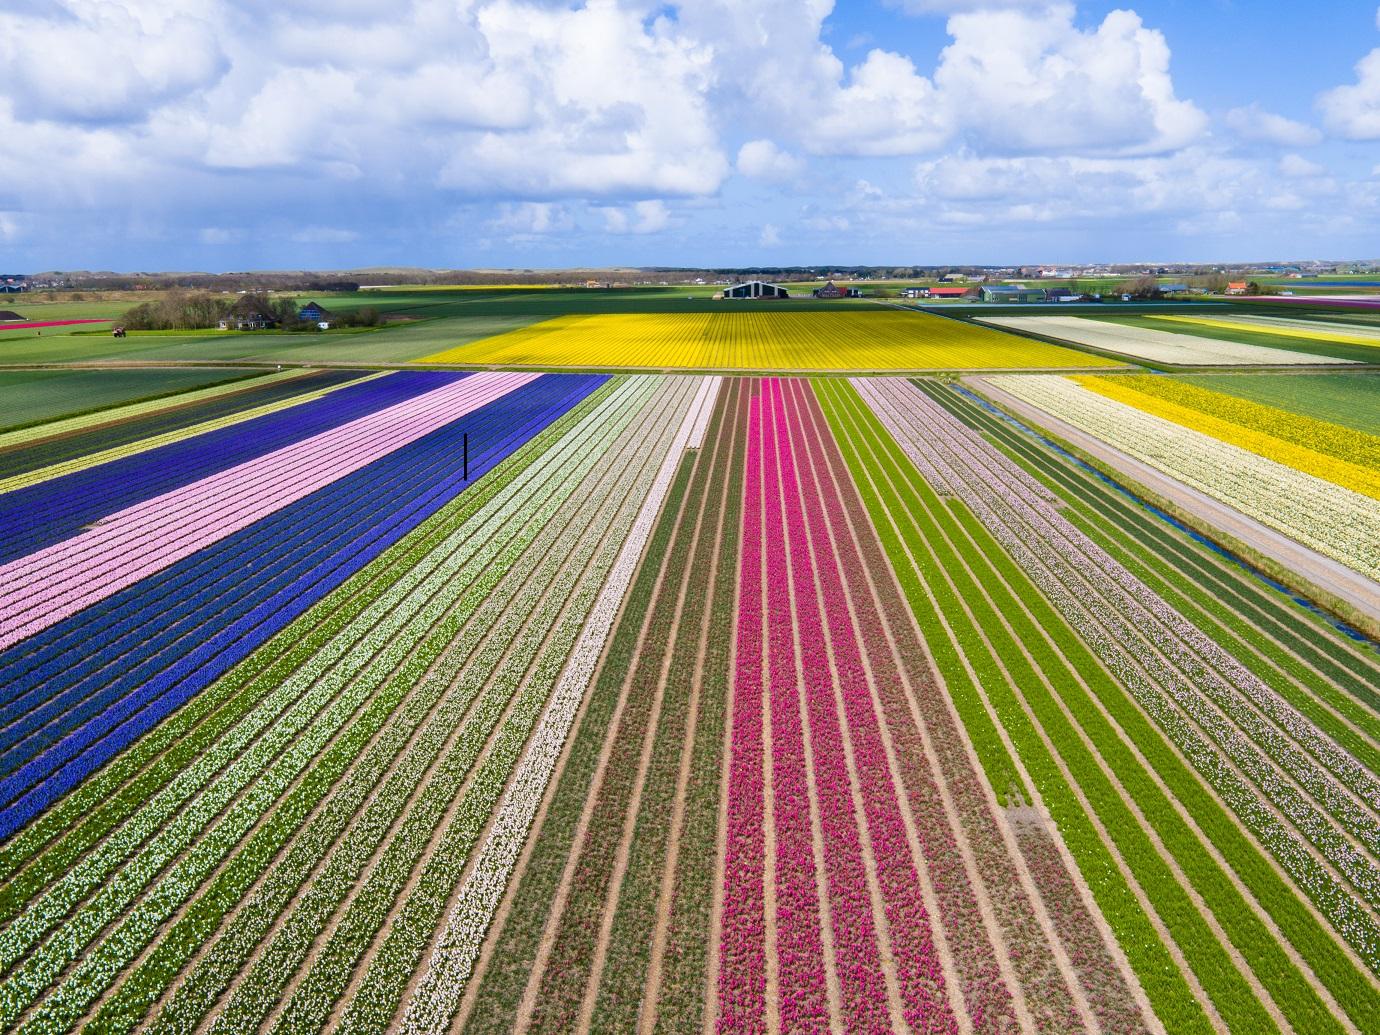 Campos de tulipas, em Lisse na Holanda